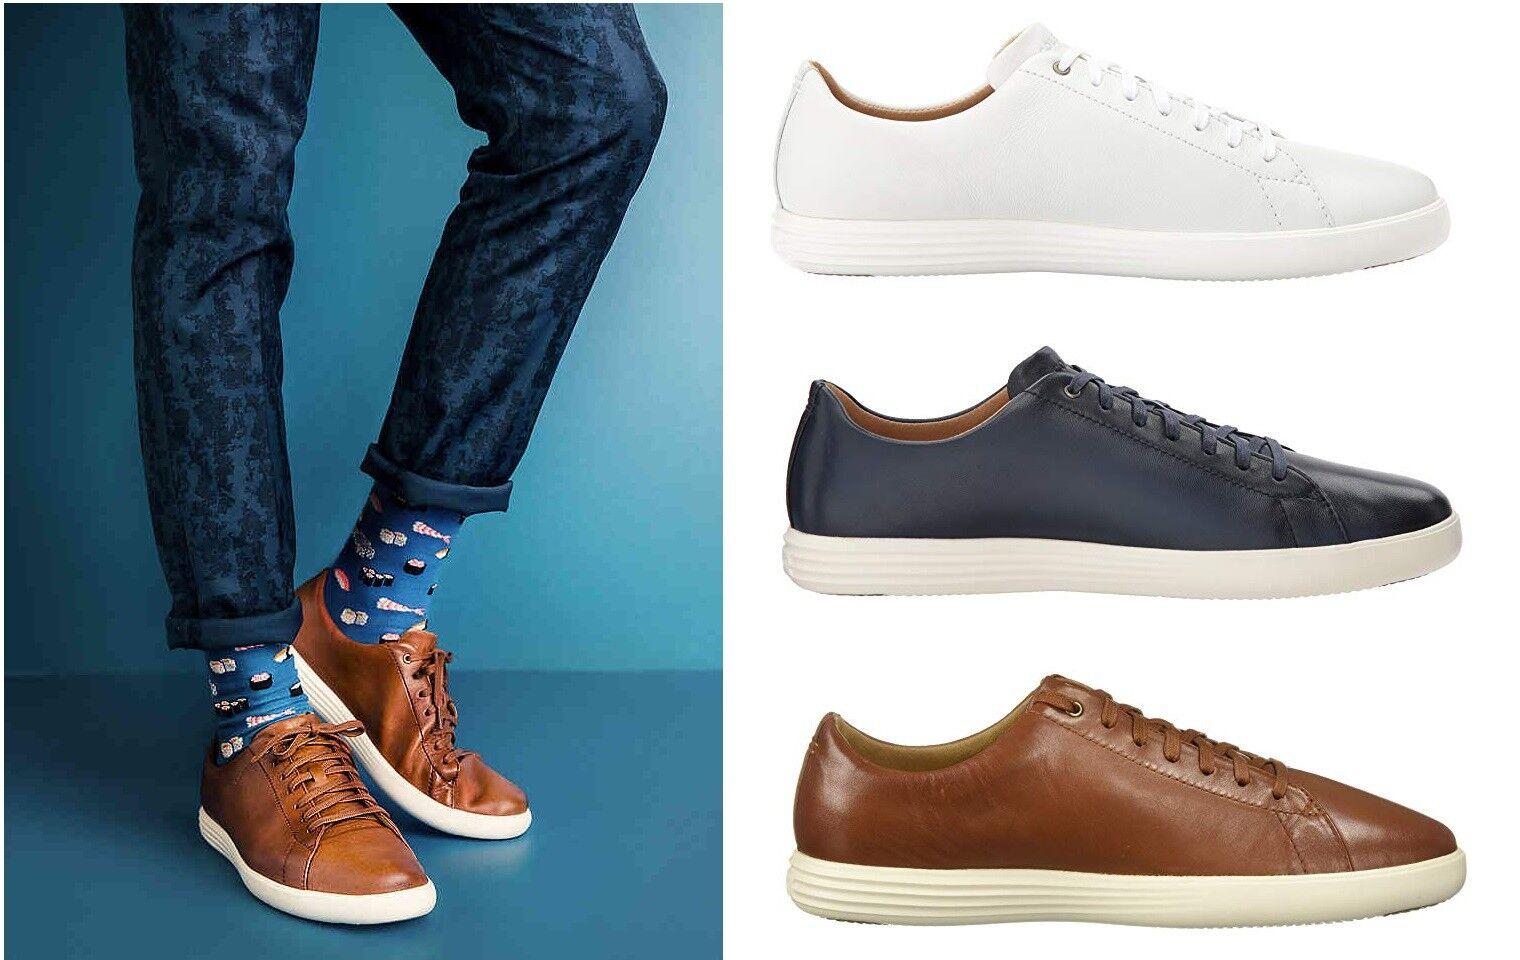 Cole Haan Para Hombres Zapatos Tenis grandpro Crosscourt II Zapatillas Nuevo Medio   ancho